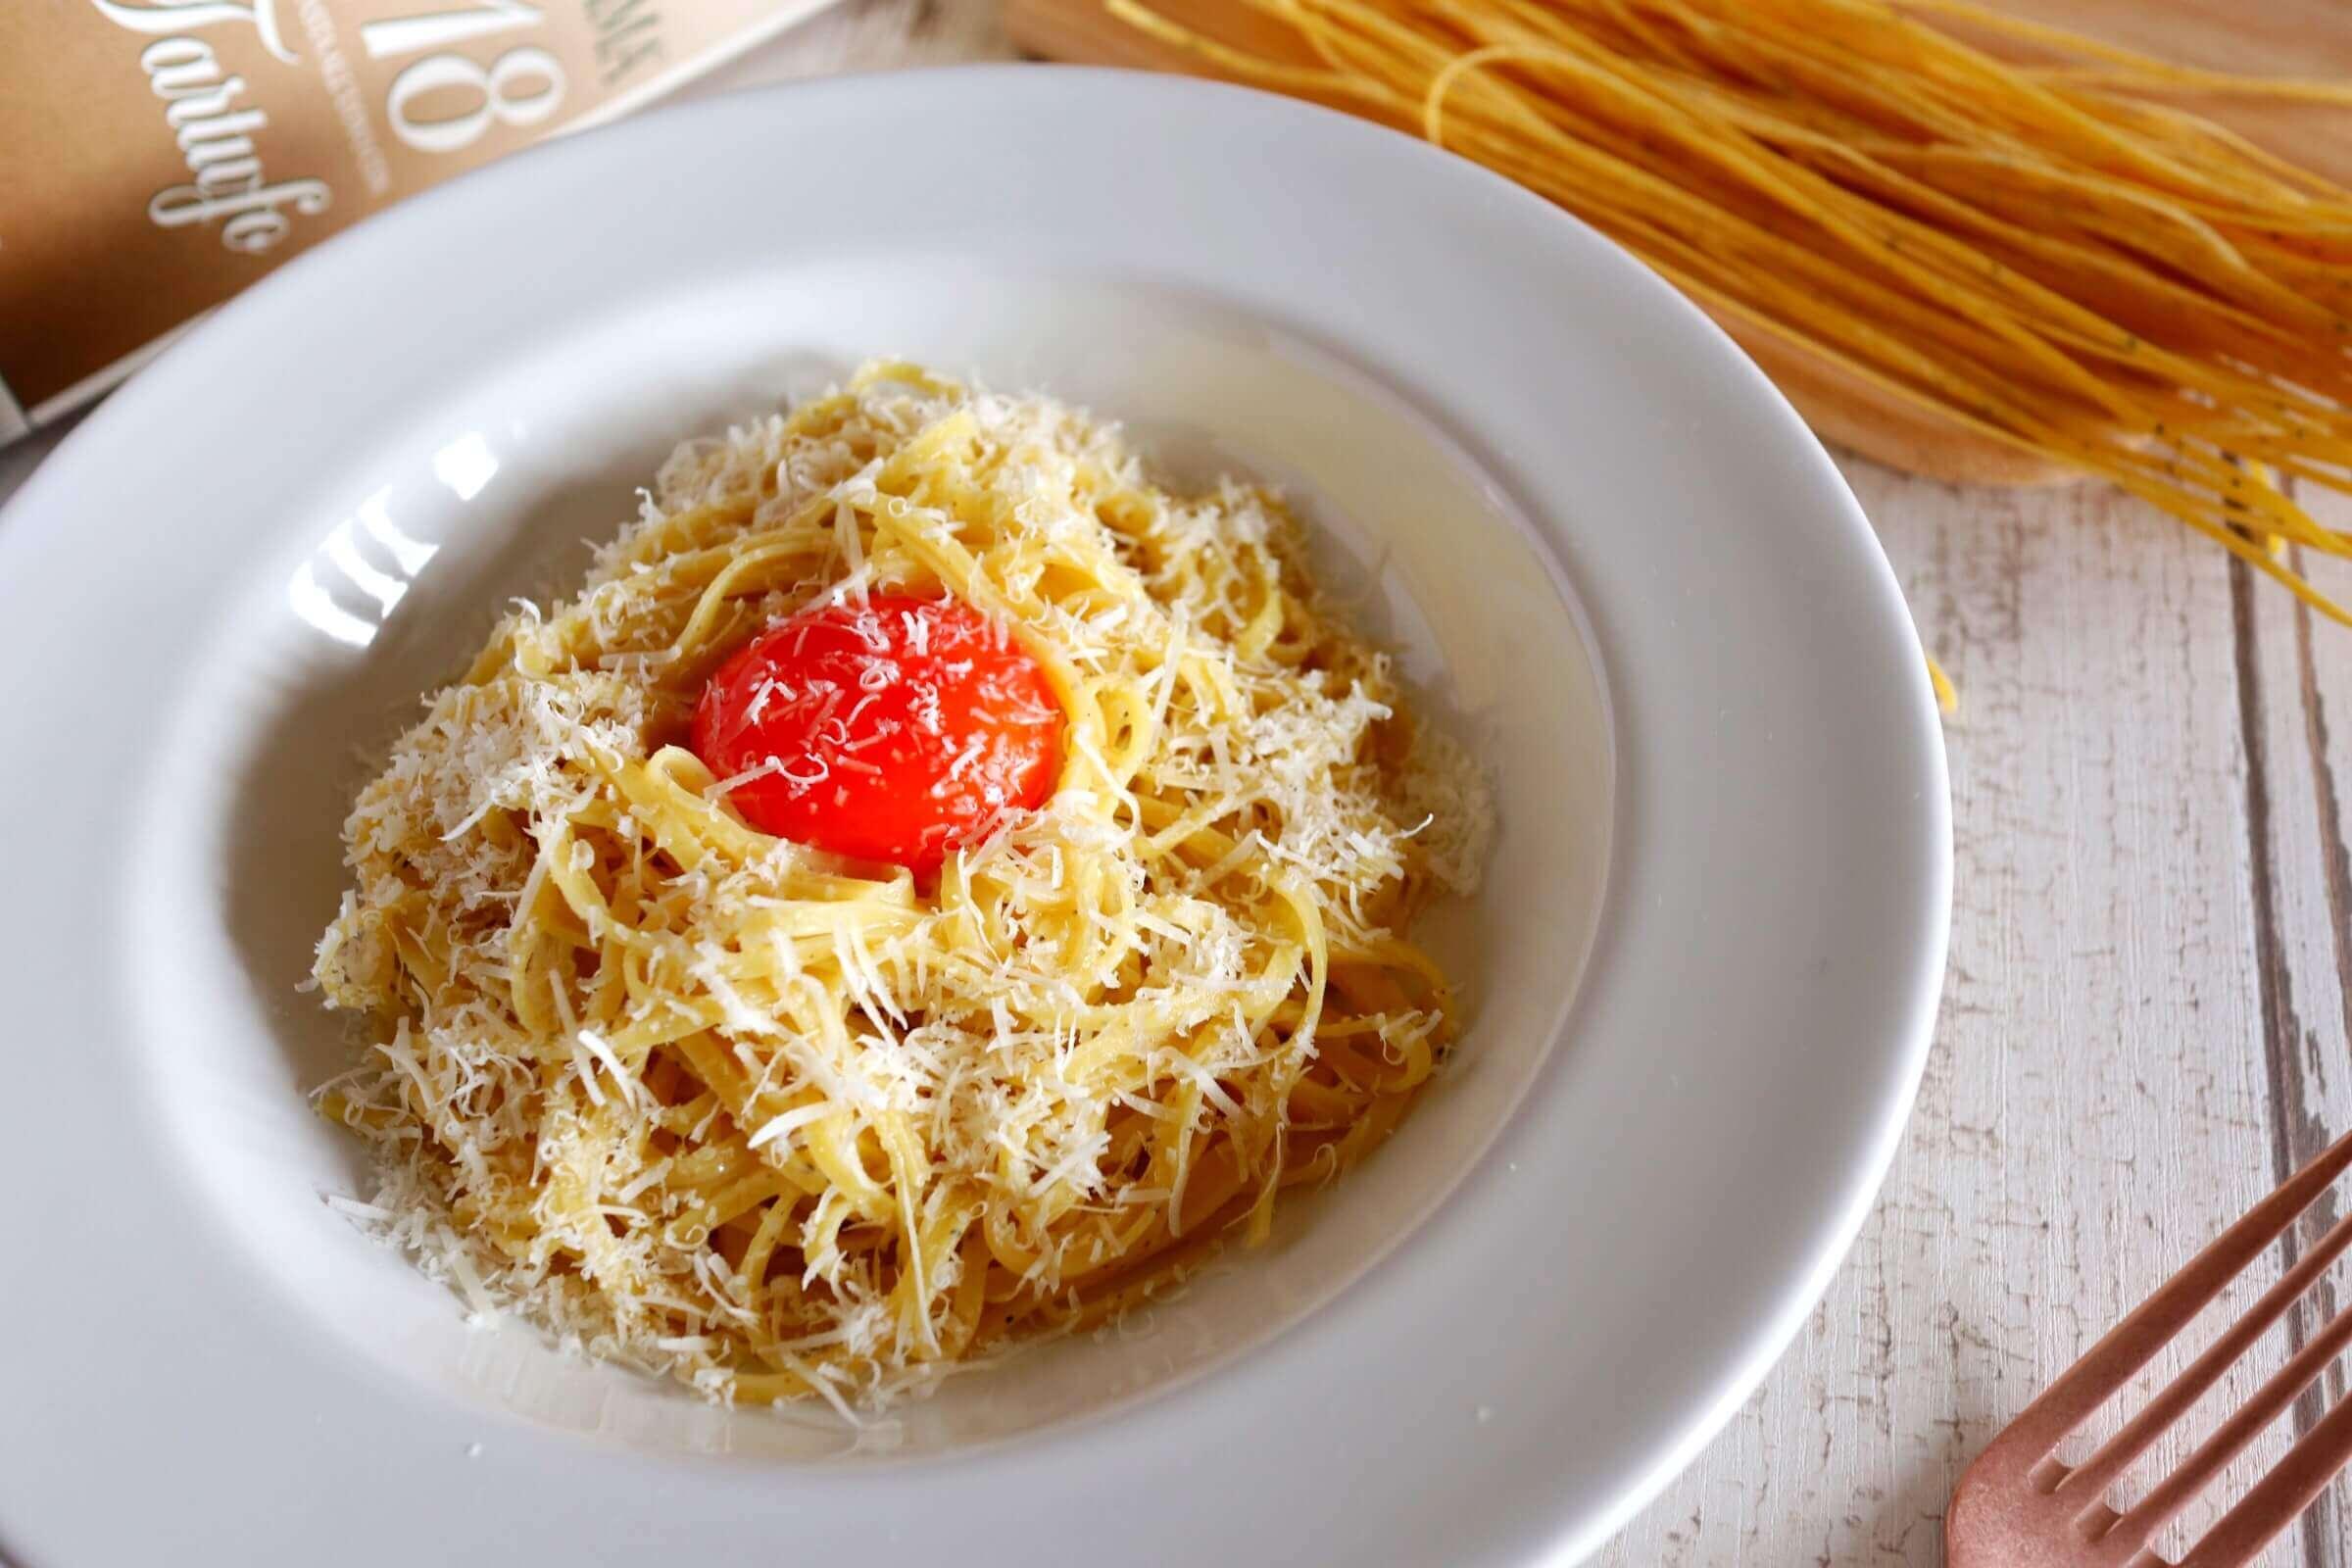 【絶品!】カルボナーラ仕立てのトリュフパスタのレシピ